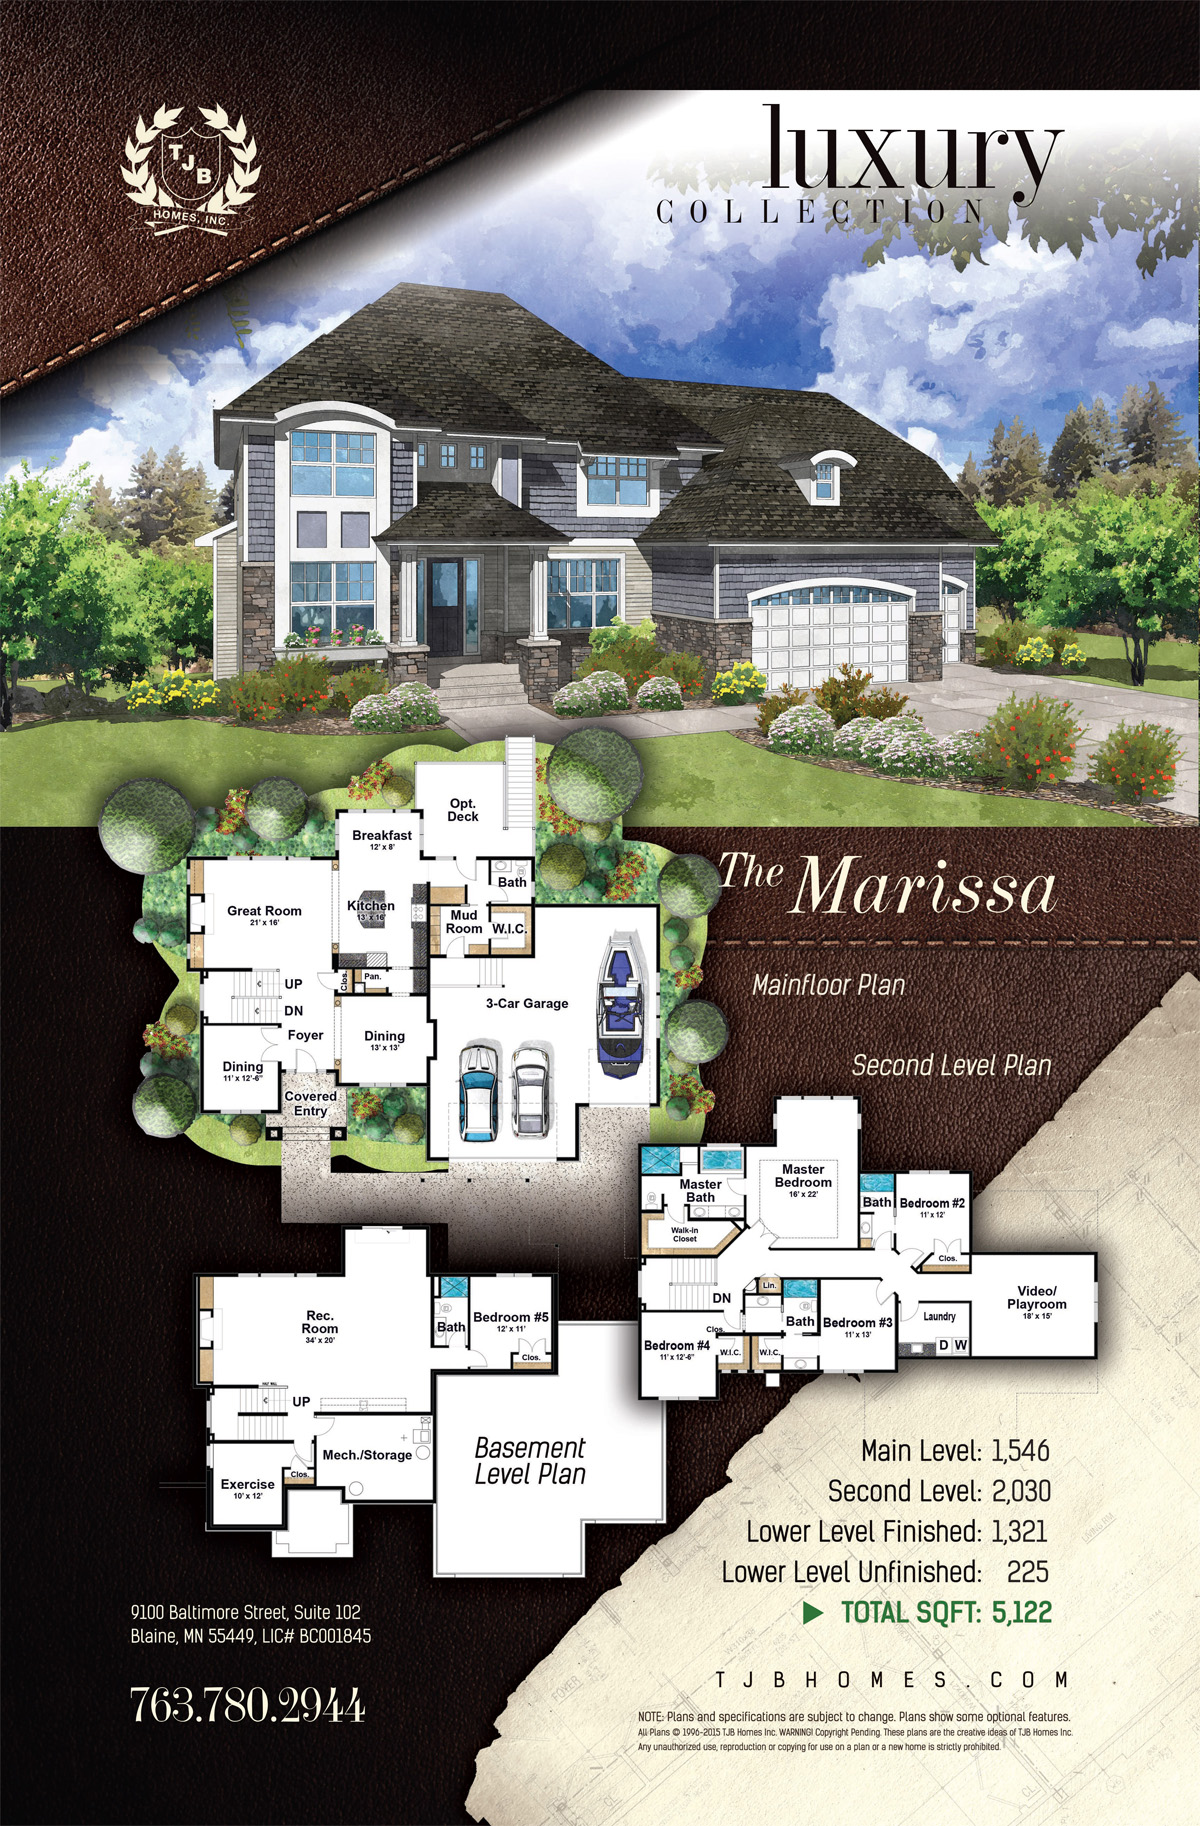 Gainesville Luxury Designer Home: The Marissa Floor Plan